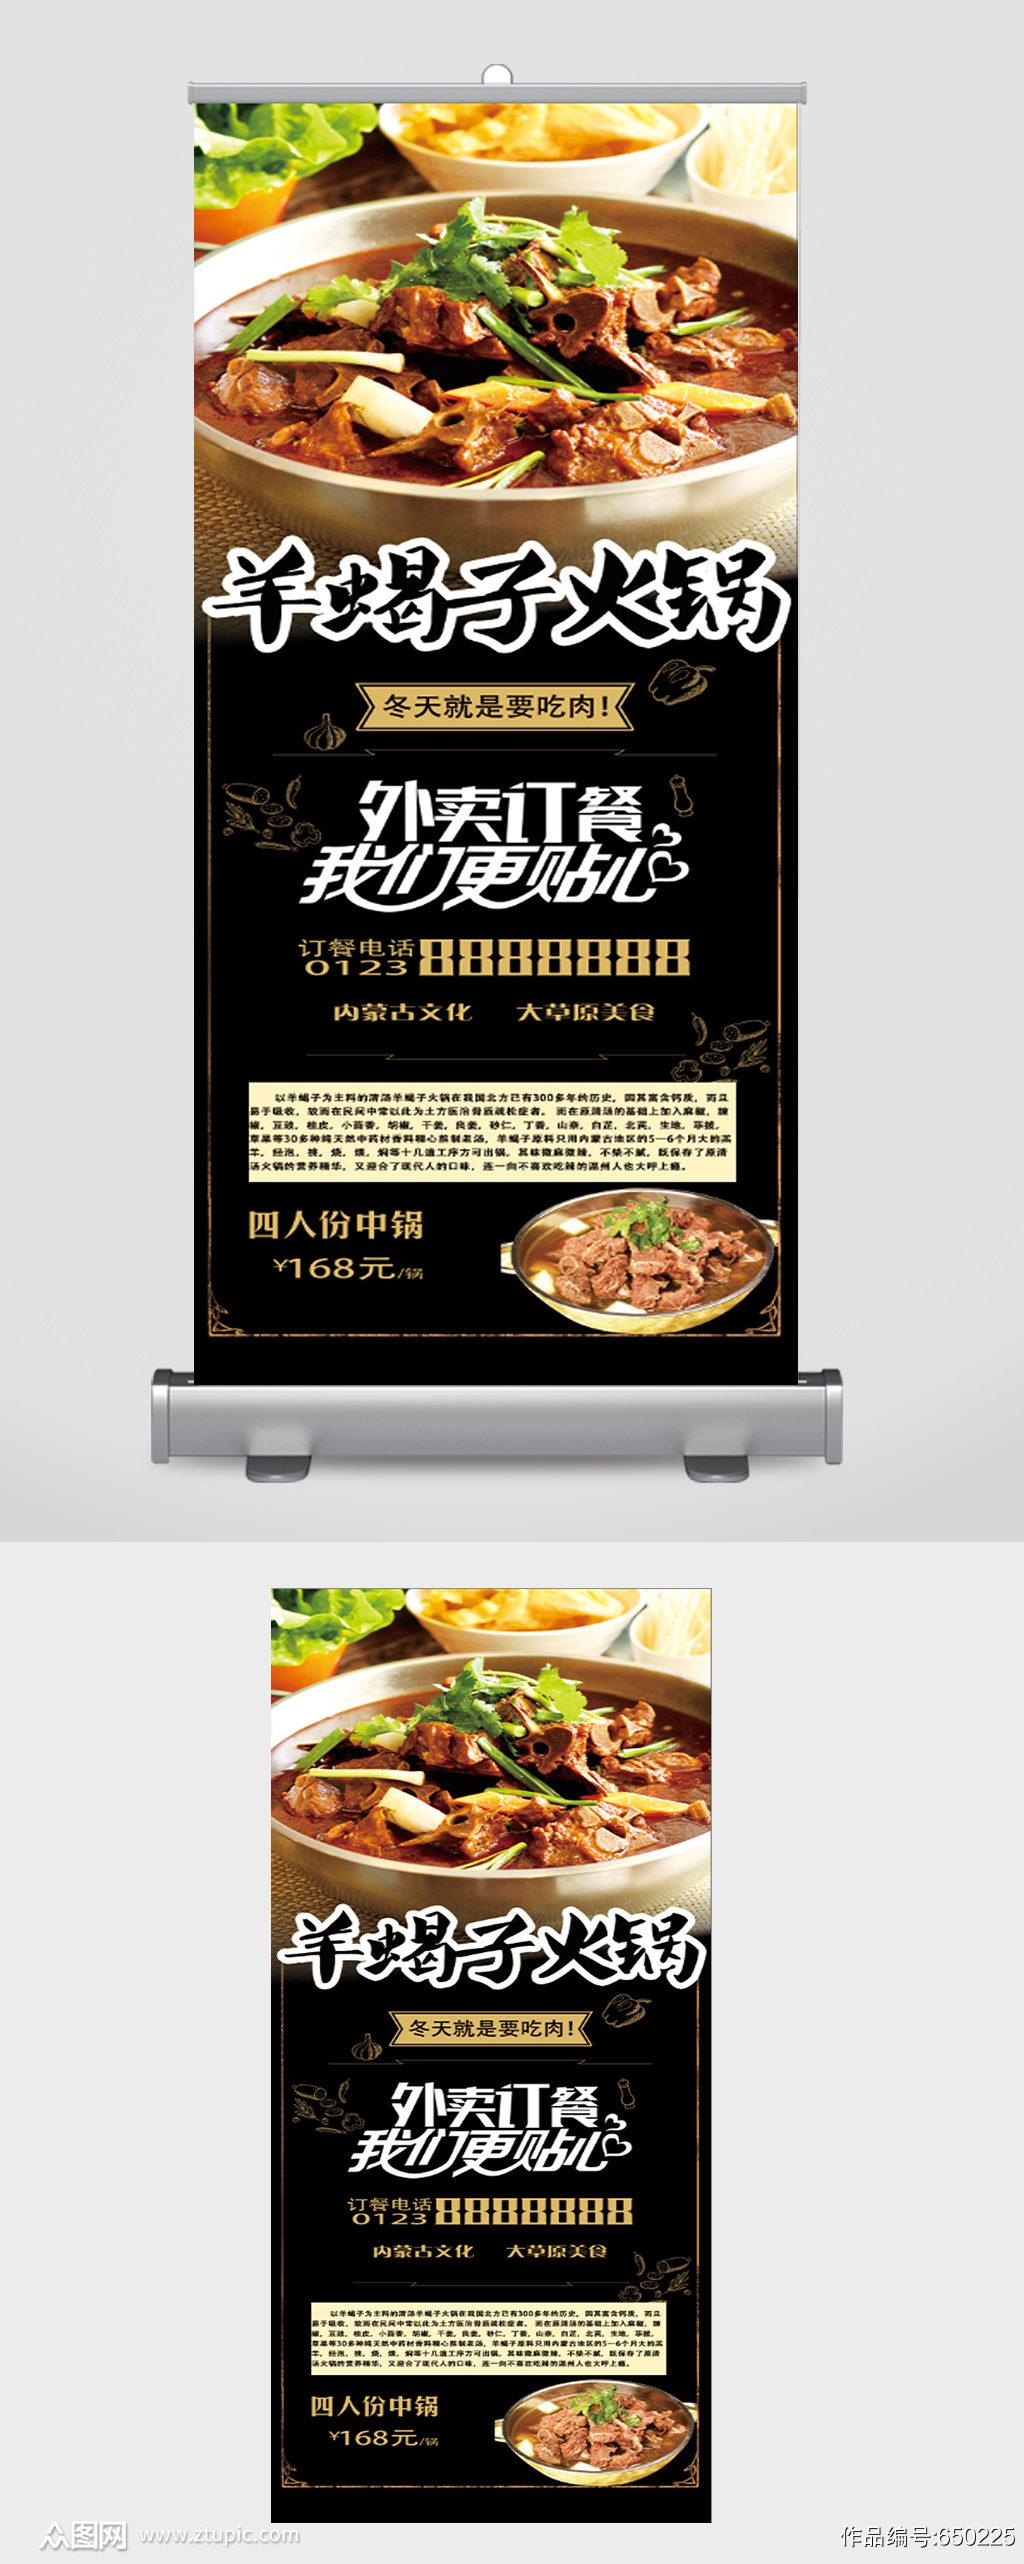 羊蝎子火锅美食展架素材